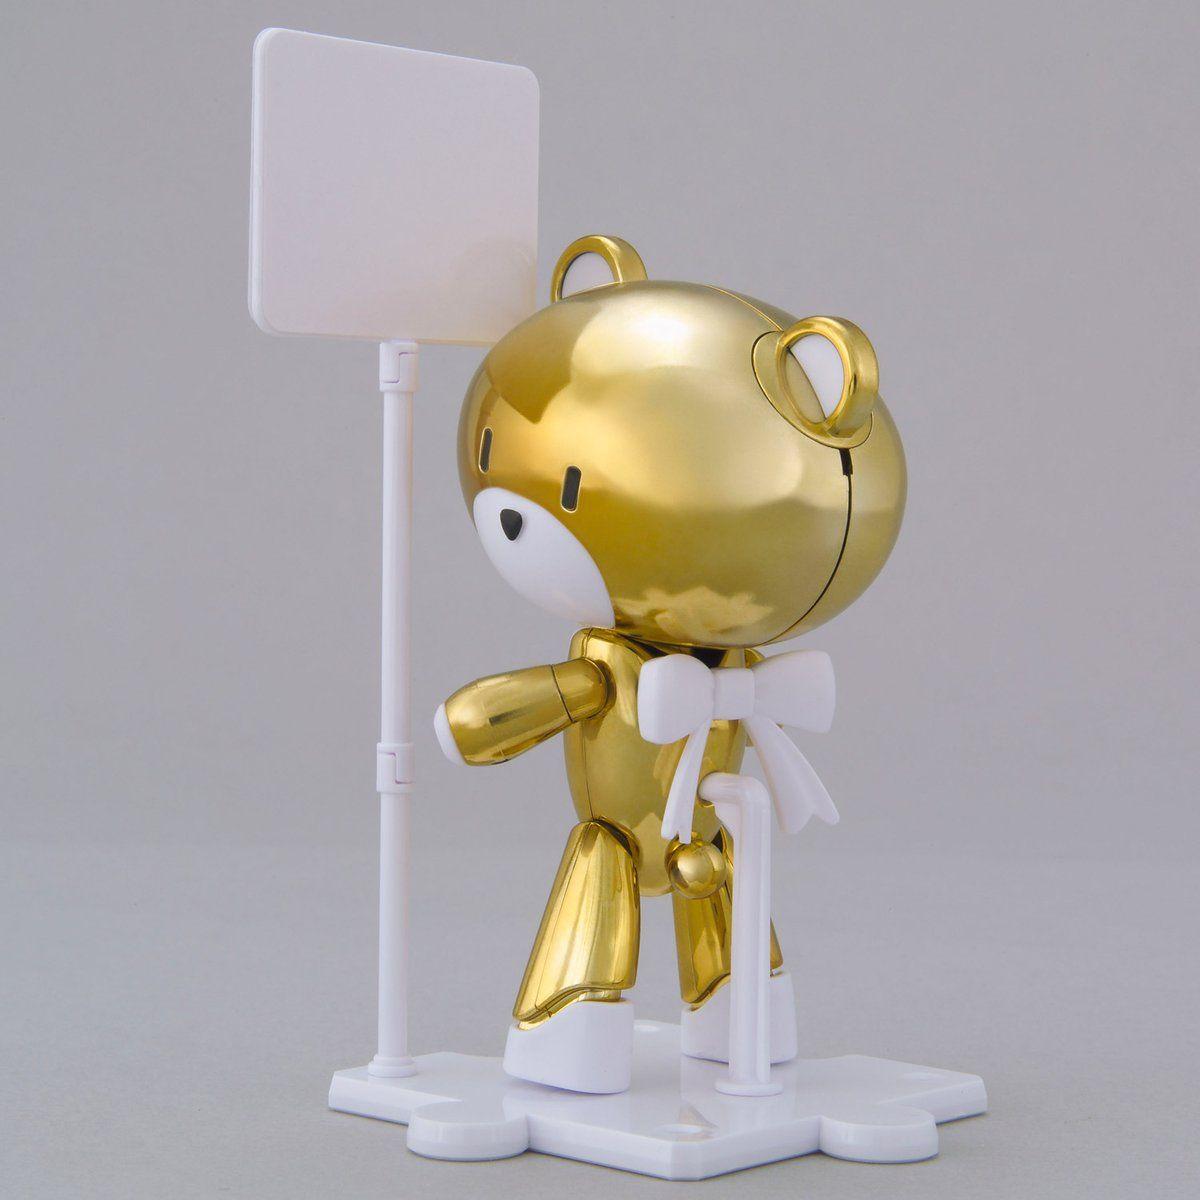 HG 1/144 ガンダムベース限定 プチッガイ ゴールドトップ&プラカード 商品画像